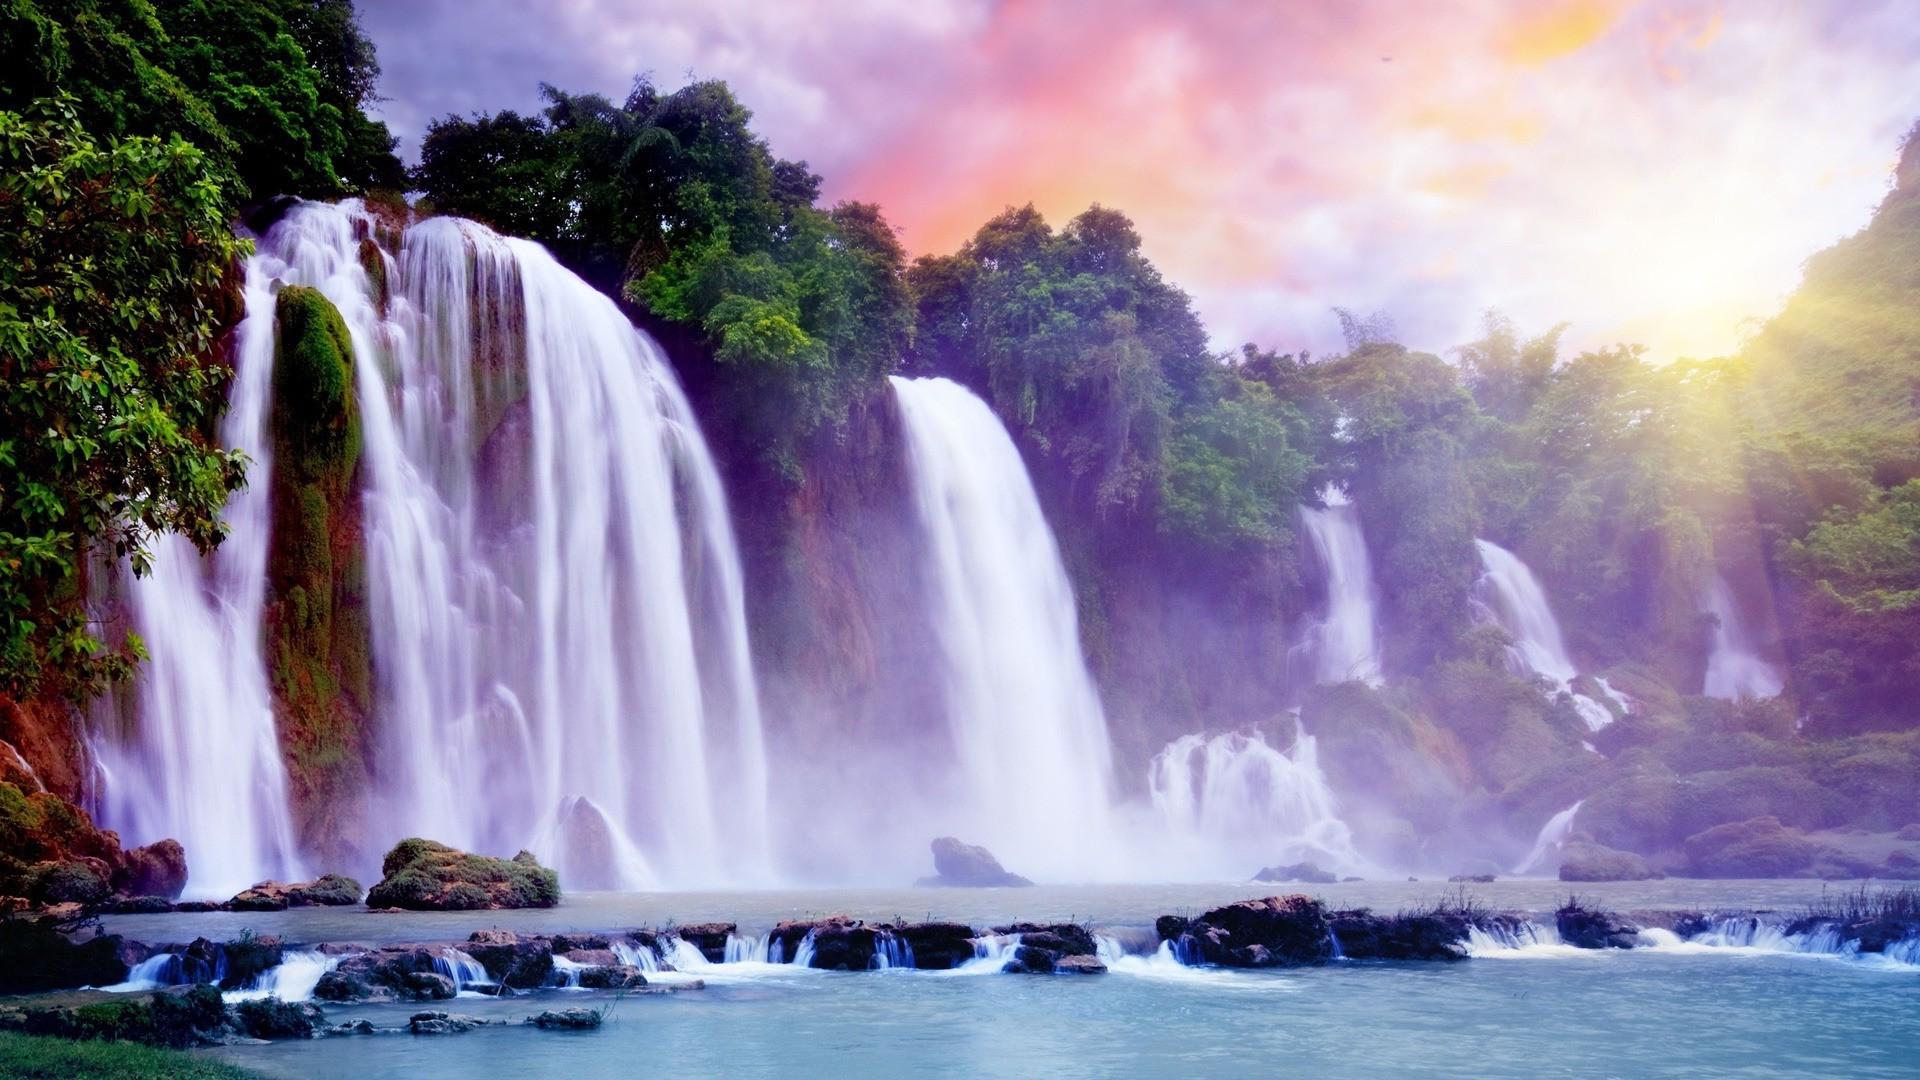 водопад среди деревьев бесплатно